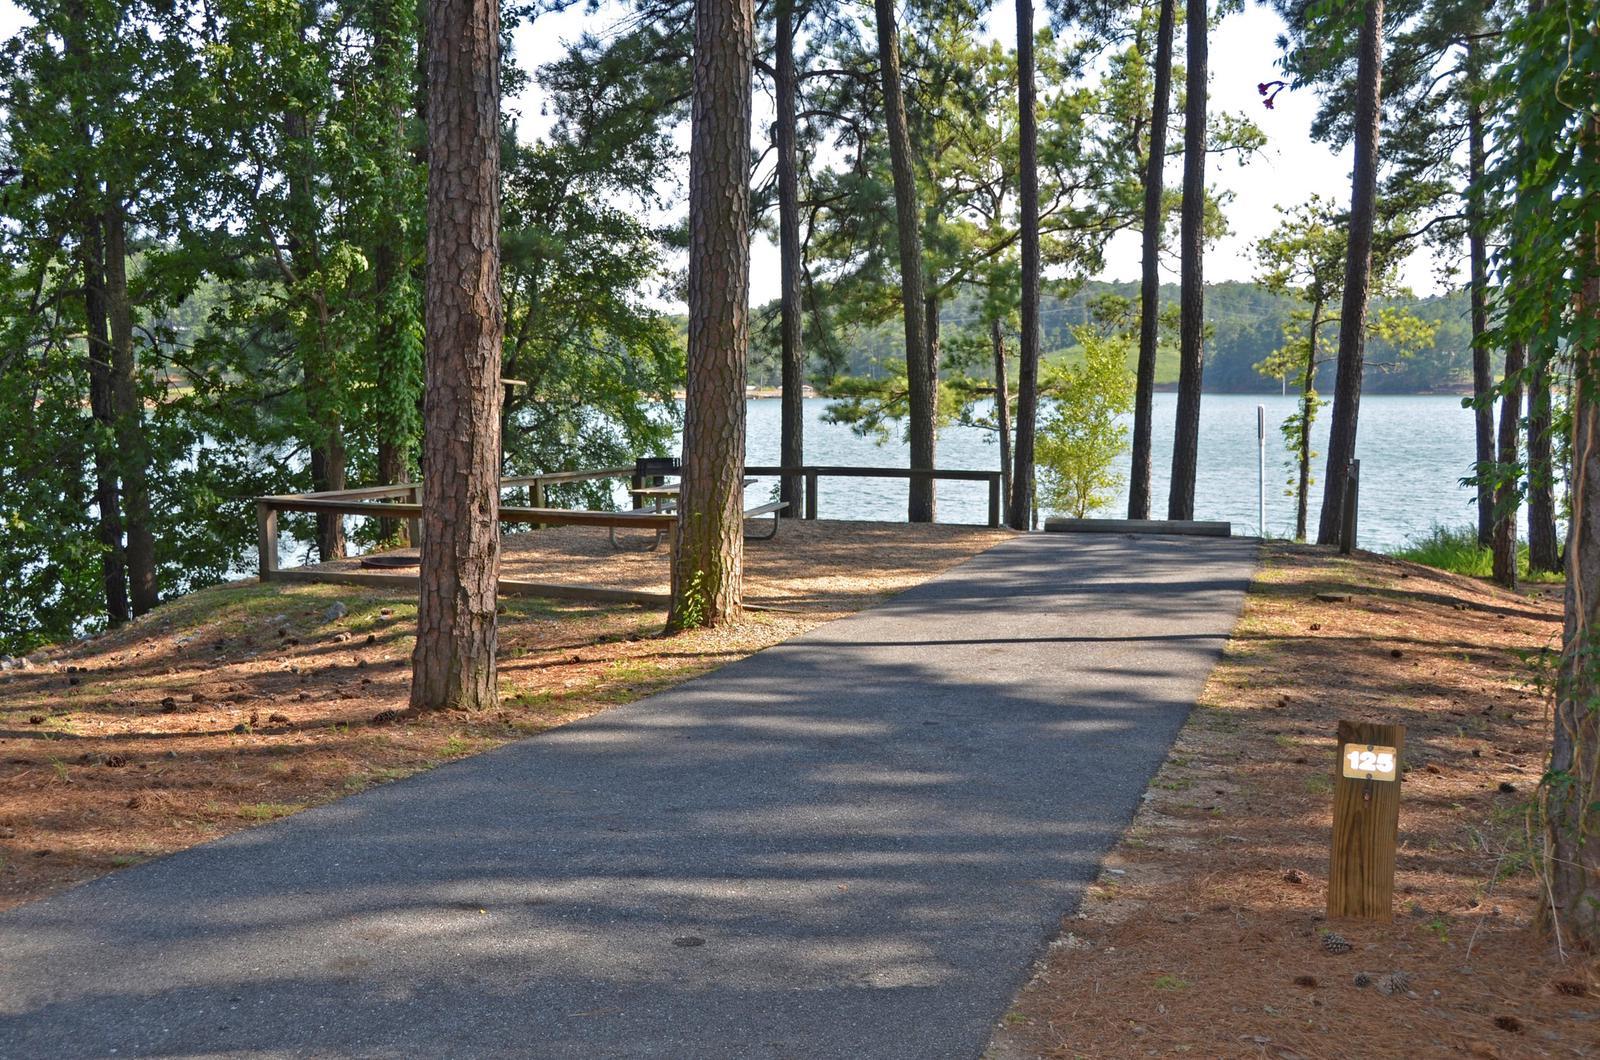 McKinney Campground Site 125